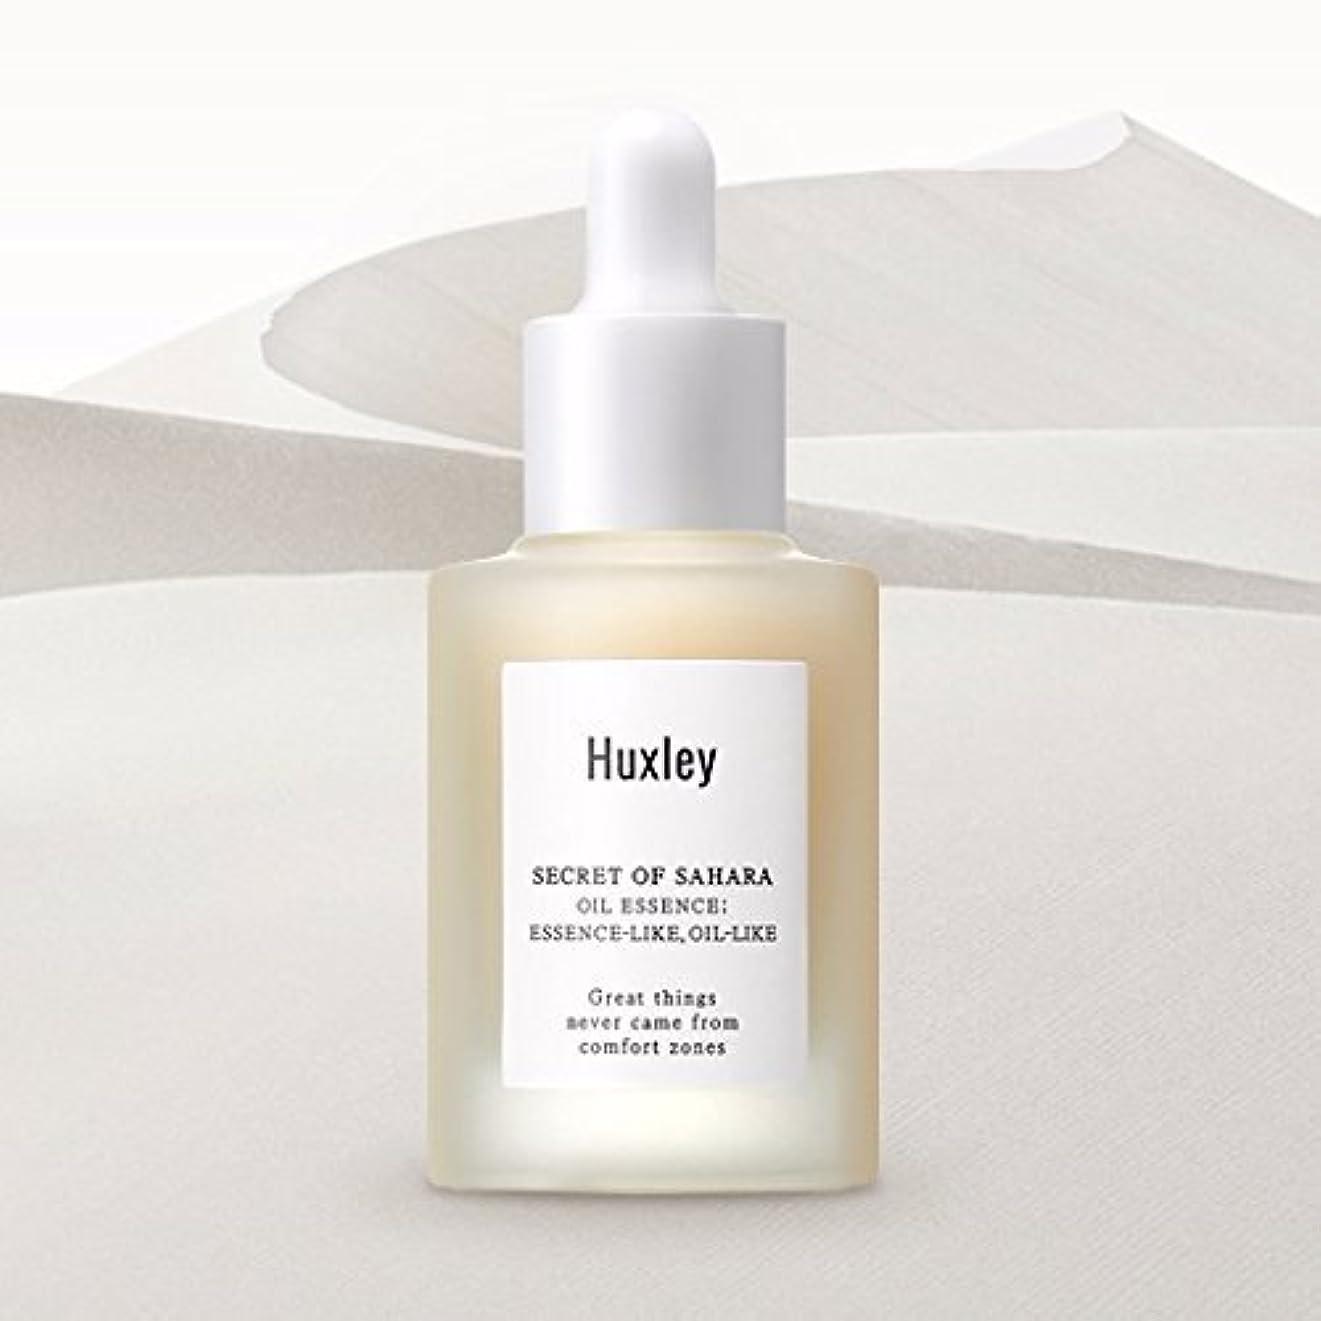 秘書食欲防ぐハクスリー サハラ砂漠の秘密オイルエッセンス30ml / Huxley Secret of Sahara OIL Essence (Essence-Like, Oil-Like) 30ml (1.01fl.oz.) Made...